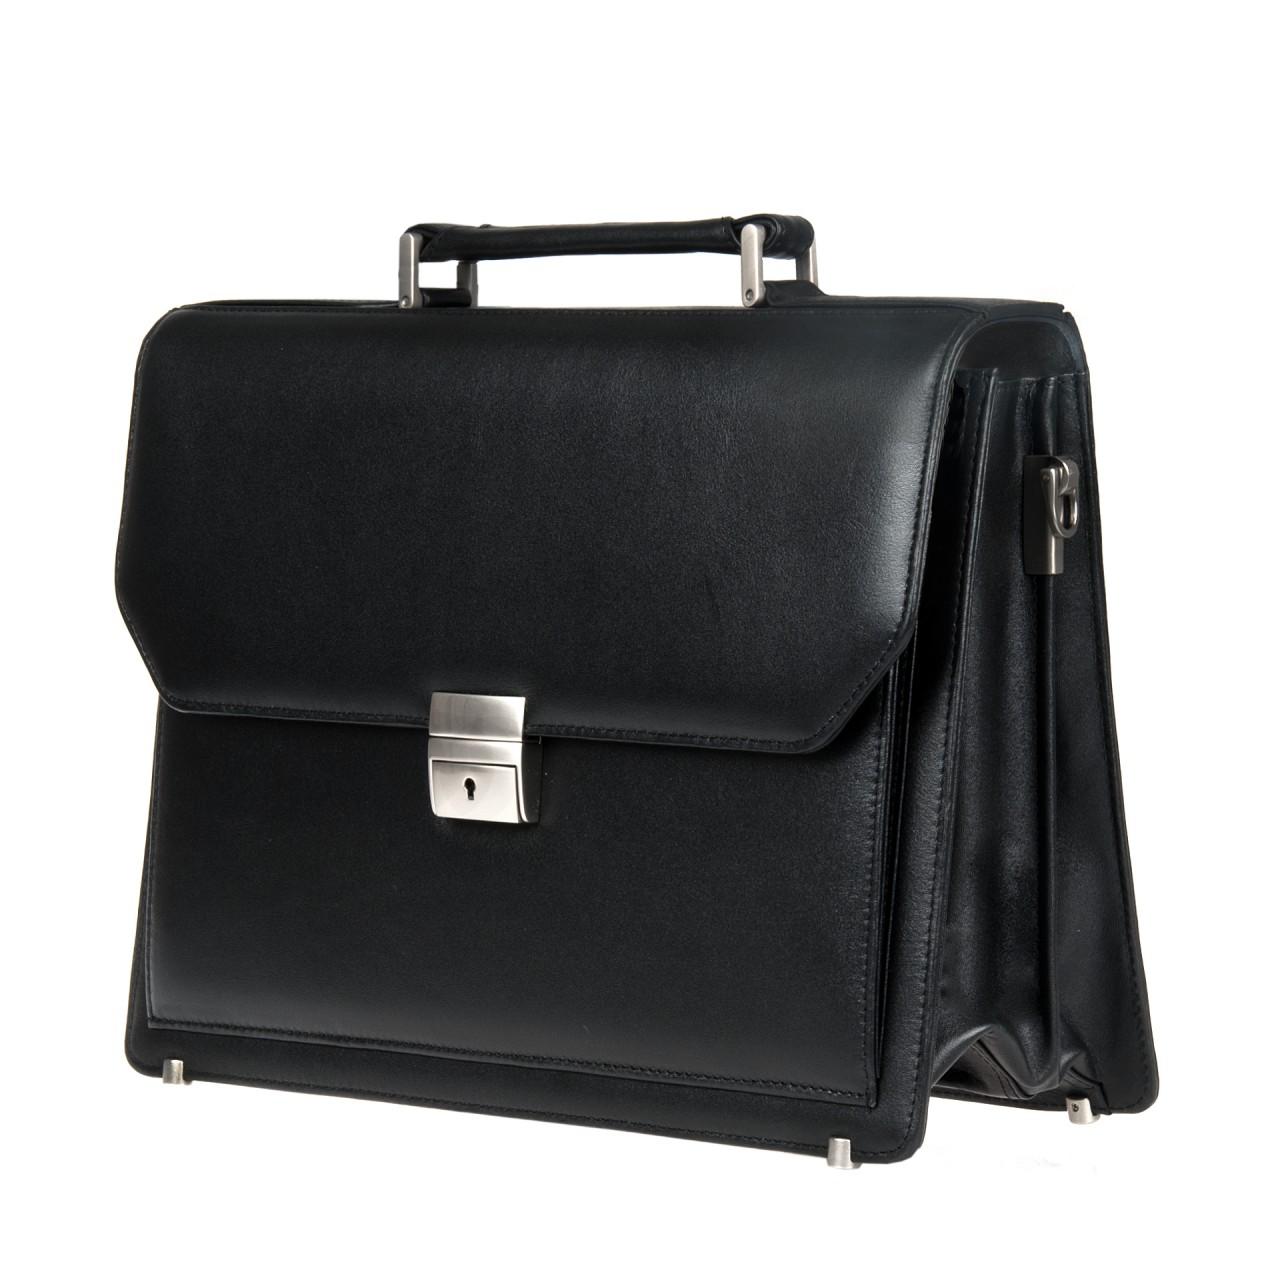 6868d68e9b85 Мы добавили более 30 новых моделей сумок и кожгалантереи. Вот некоторые из  них: